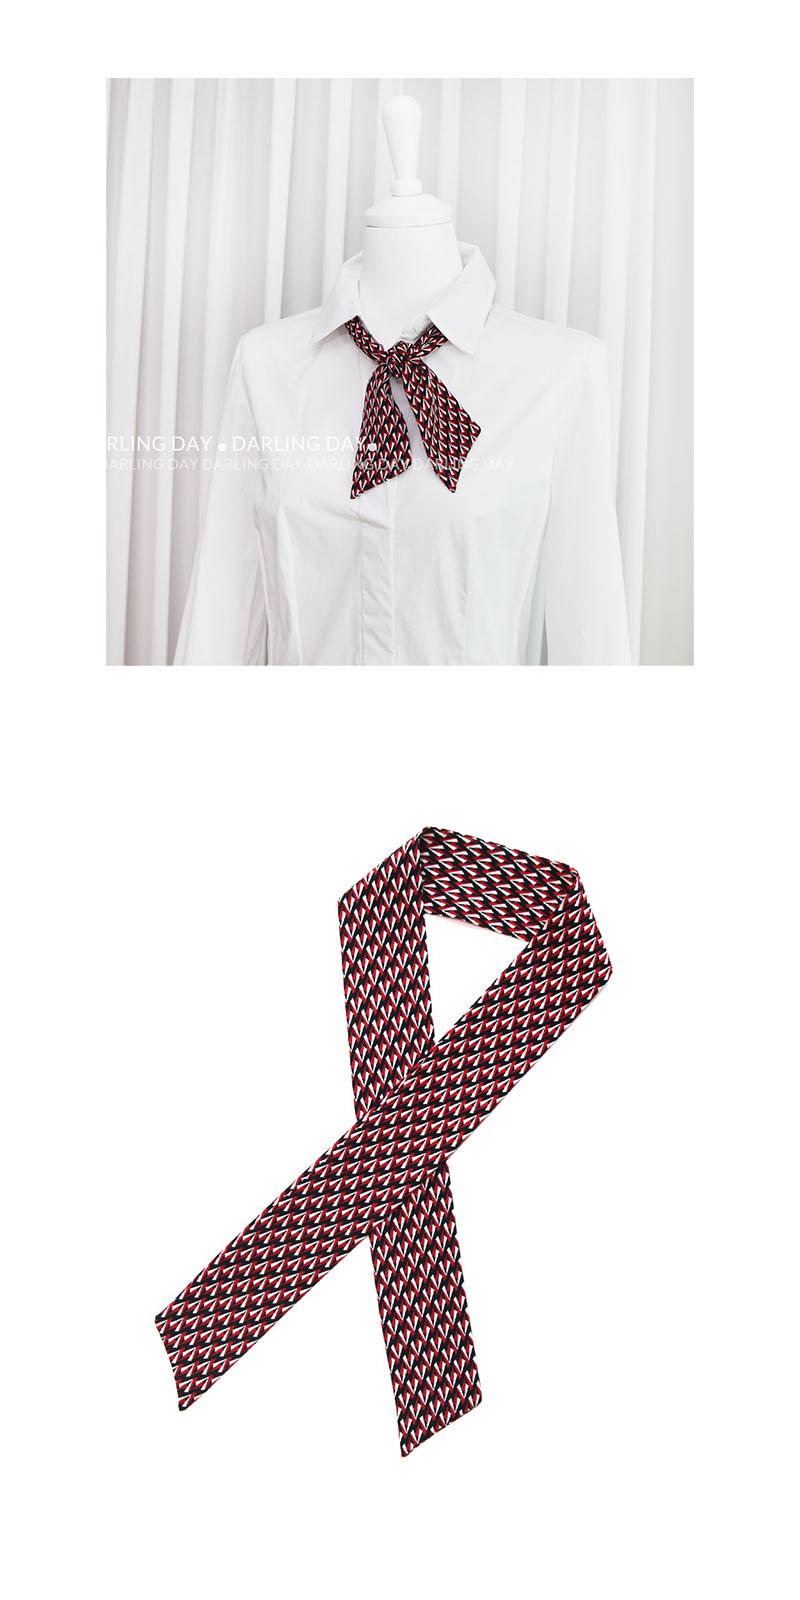 스칸디 패턴 쁘띠 트윌리 스카프 (3 colors) - 달링데이, 9,800원, 스카프, 쁘띠 스카프